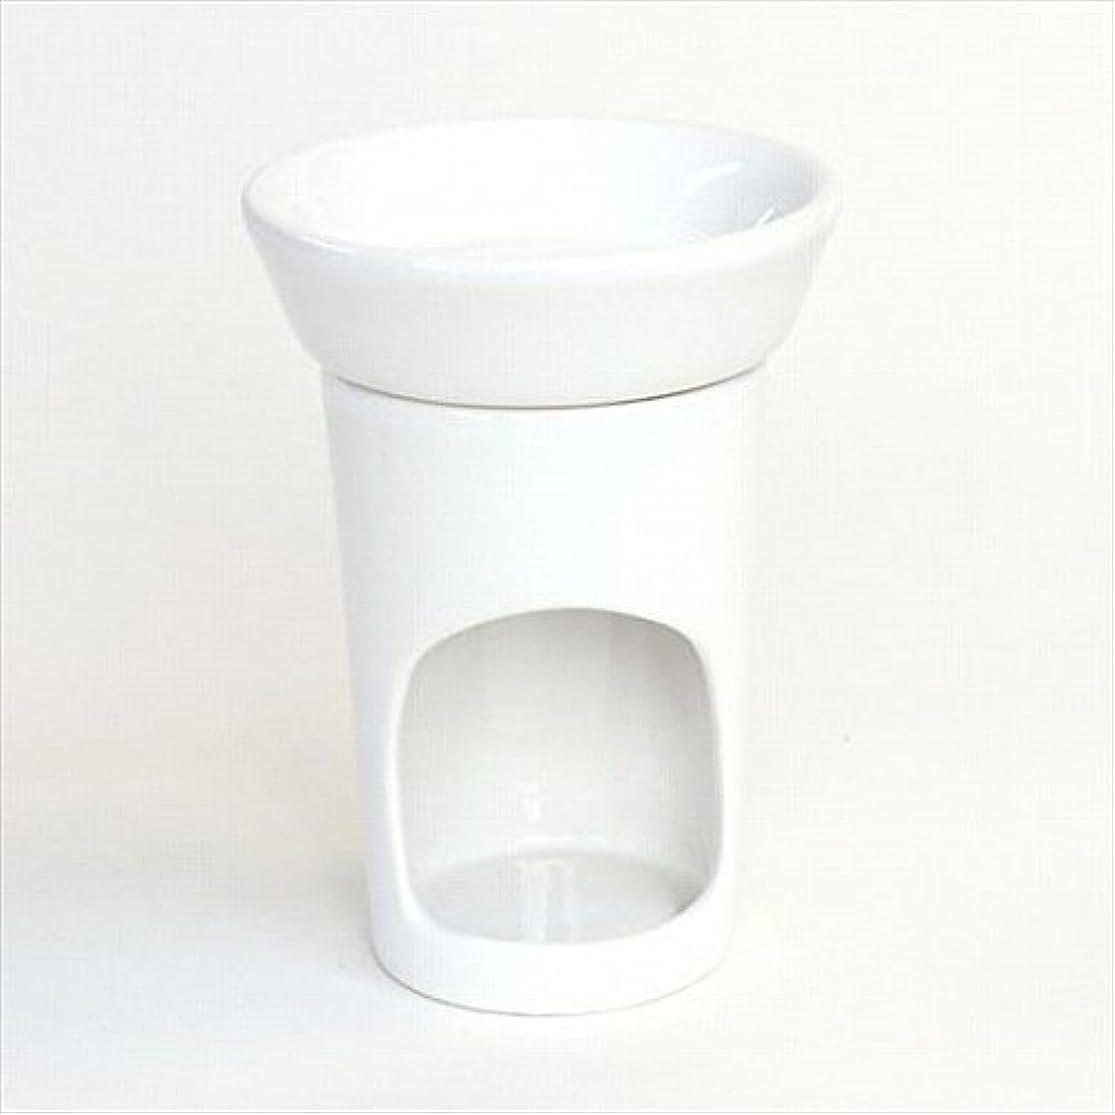 友情フォーカス相談kameyama candle(カメヤマキャンドル) ブランタルトウォーマー キャンドル 78x78x116mm (J5250000)